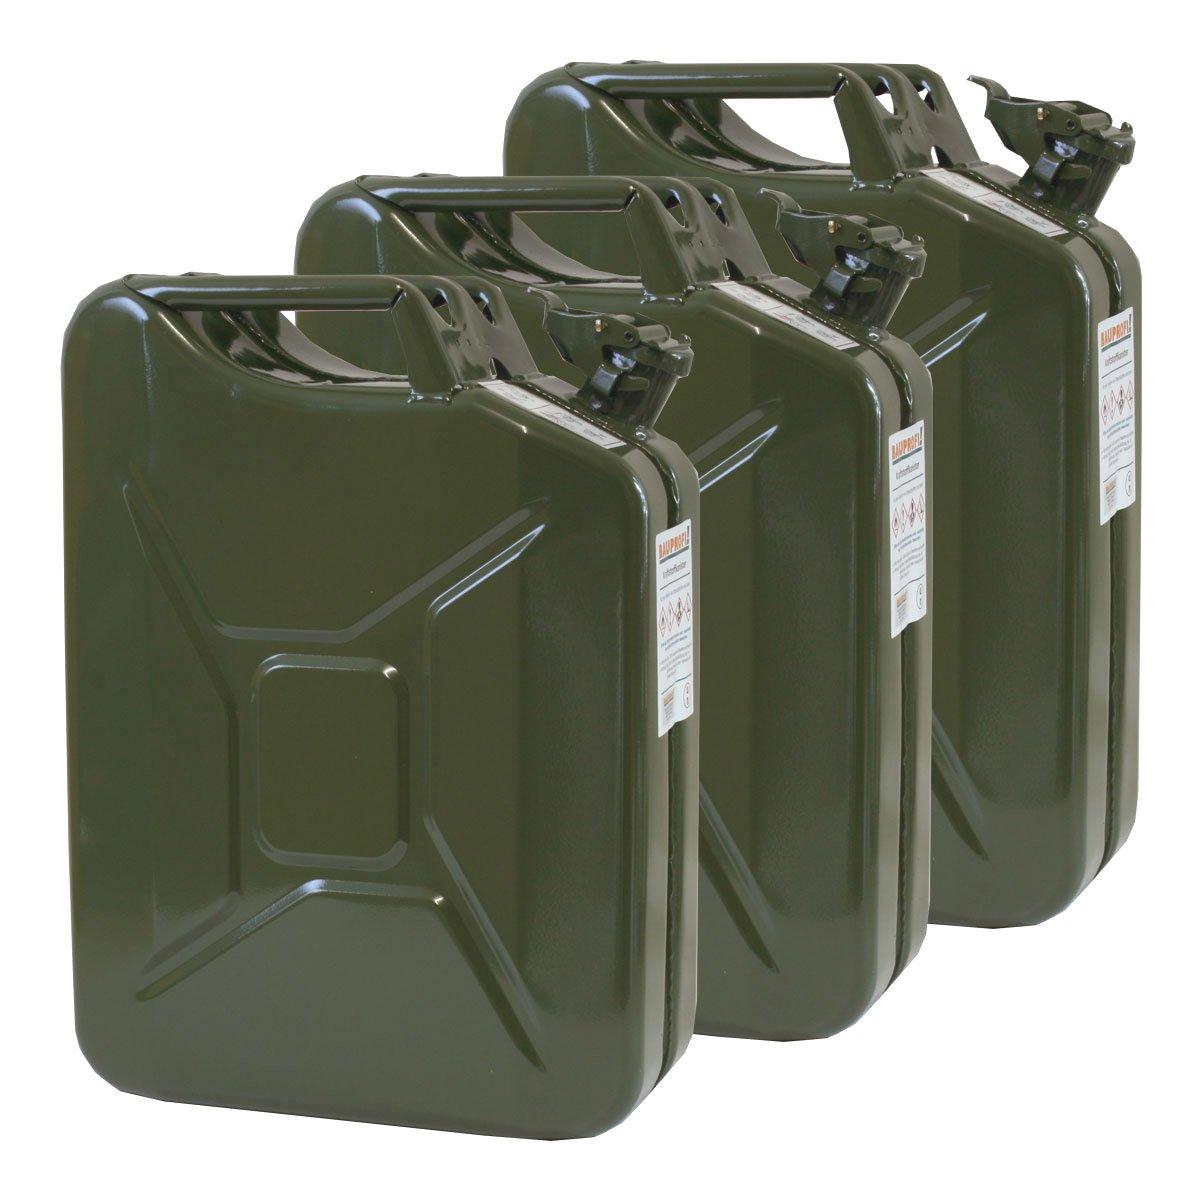 3x Oxid7® Benzinkanister Kraftstoffkanister Metall 20 Liter Olivgrün mit UN-Zulassung - TÜV Rheinland Zertifiziert - Bauart geprüft 4052704053475